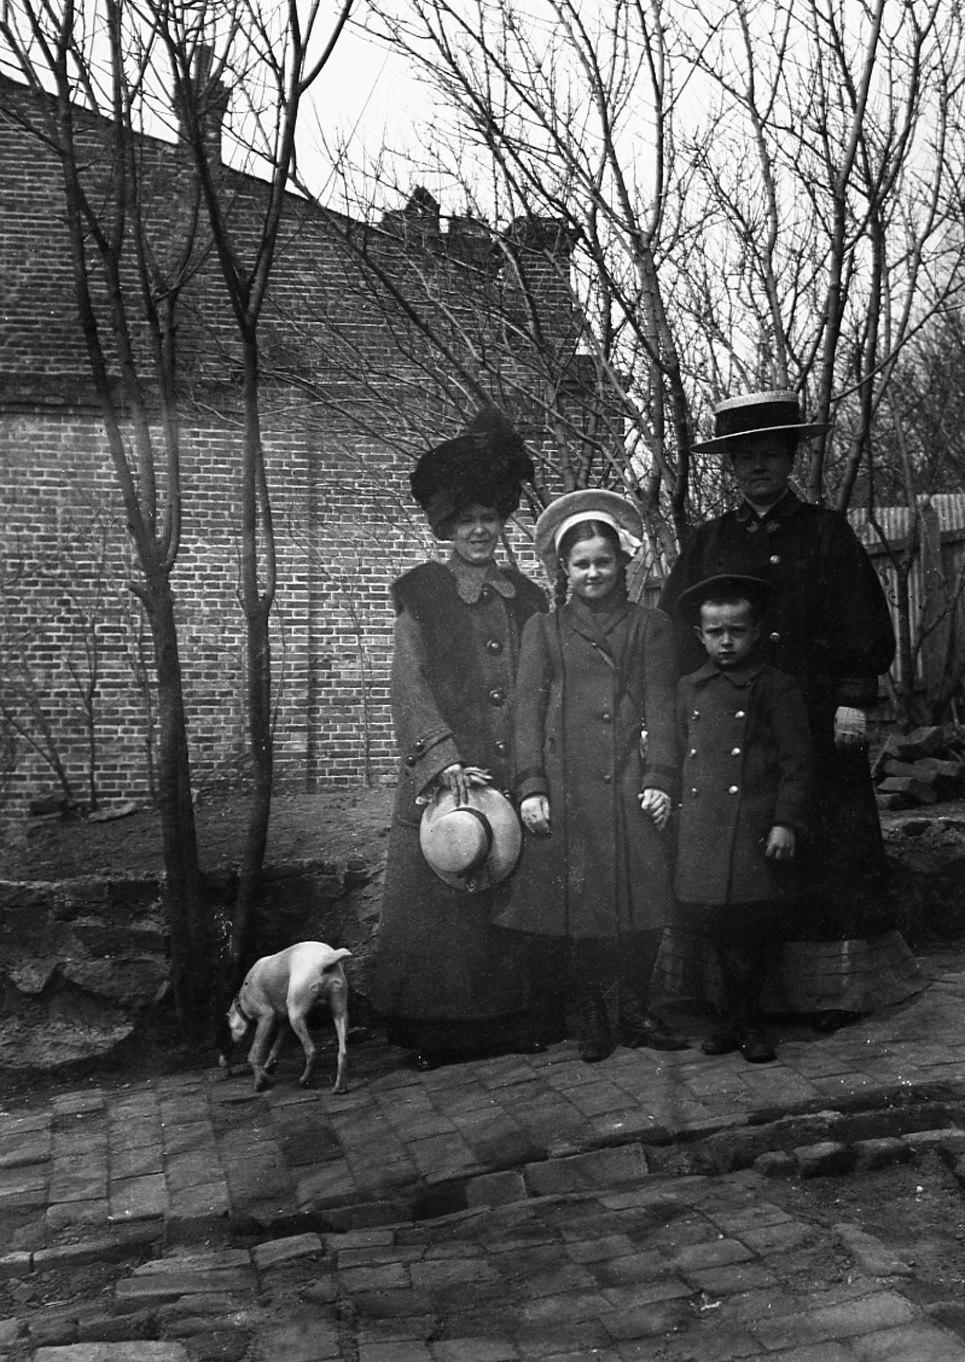 Елена Александровна Захарина (с шляпкой в руках), её сын Андрей и знакомая женщина с дочкой во дворе дома по улице Пушкинской. 1910-е